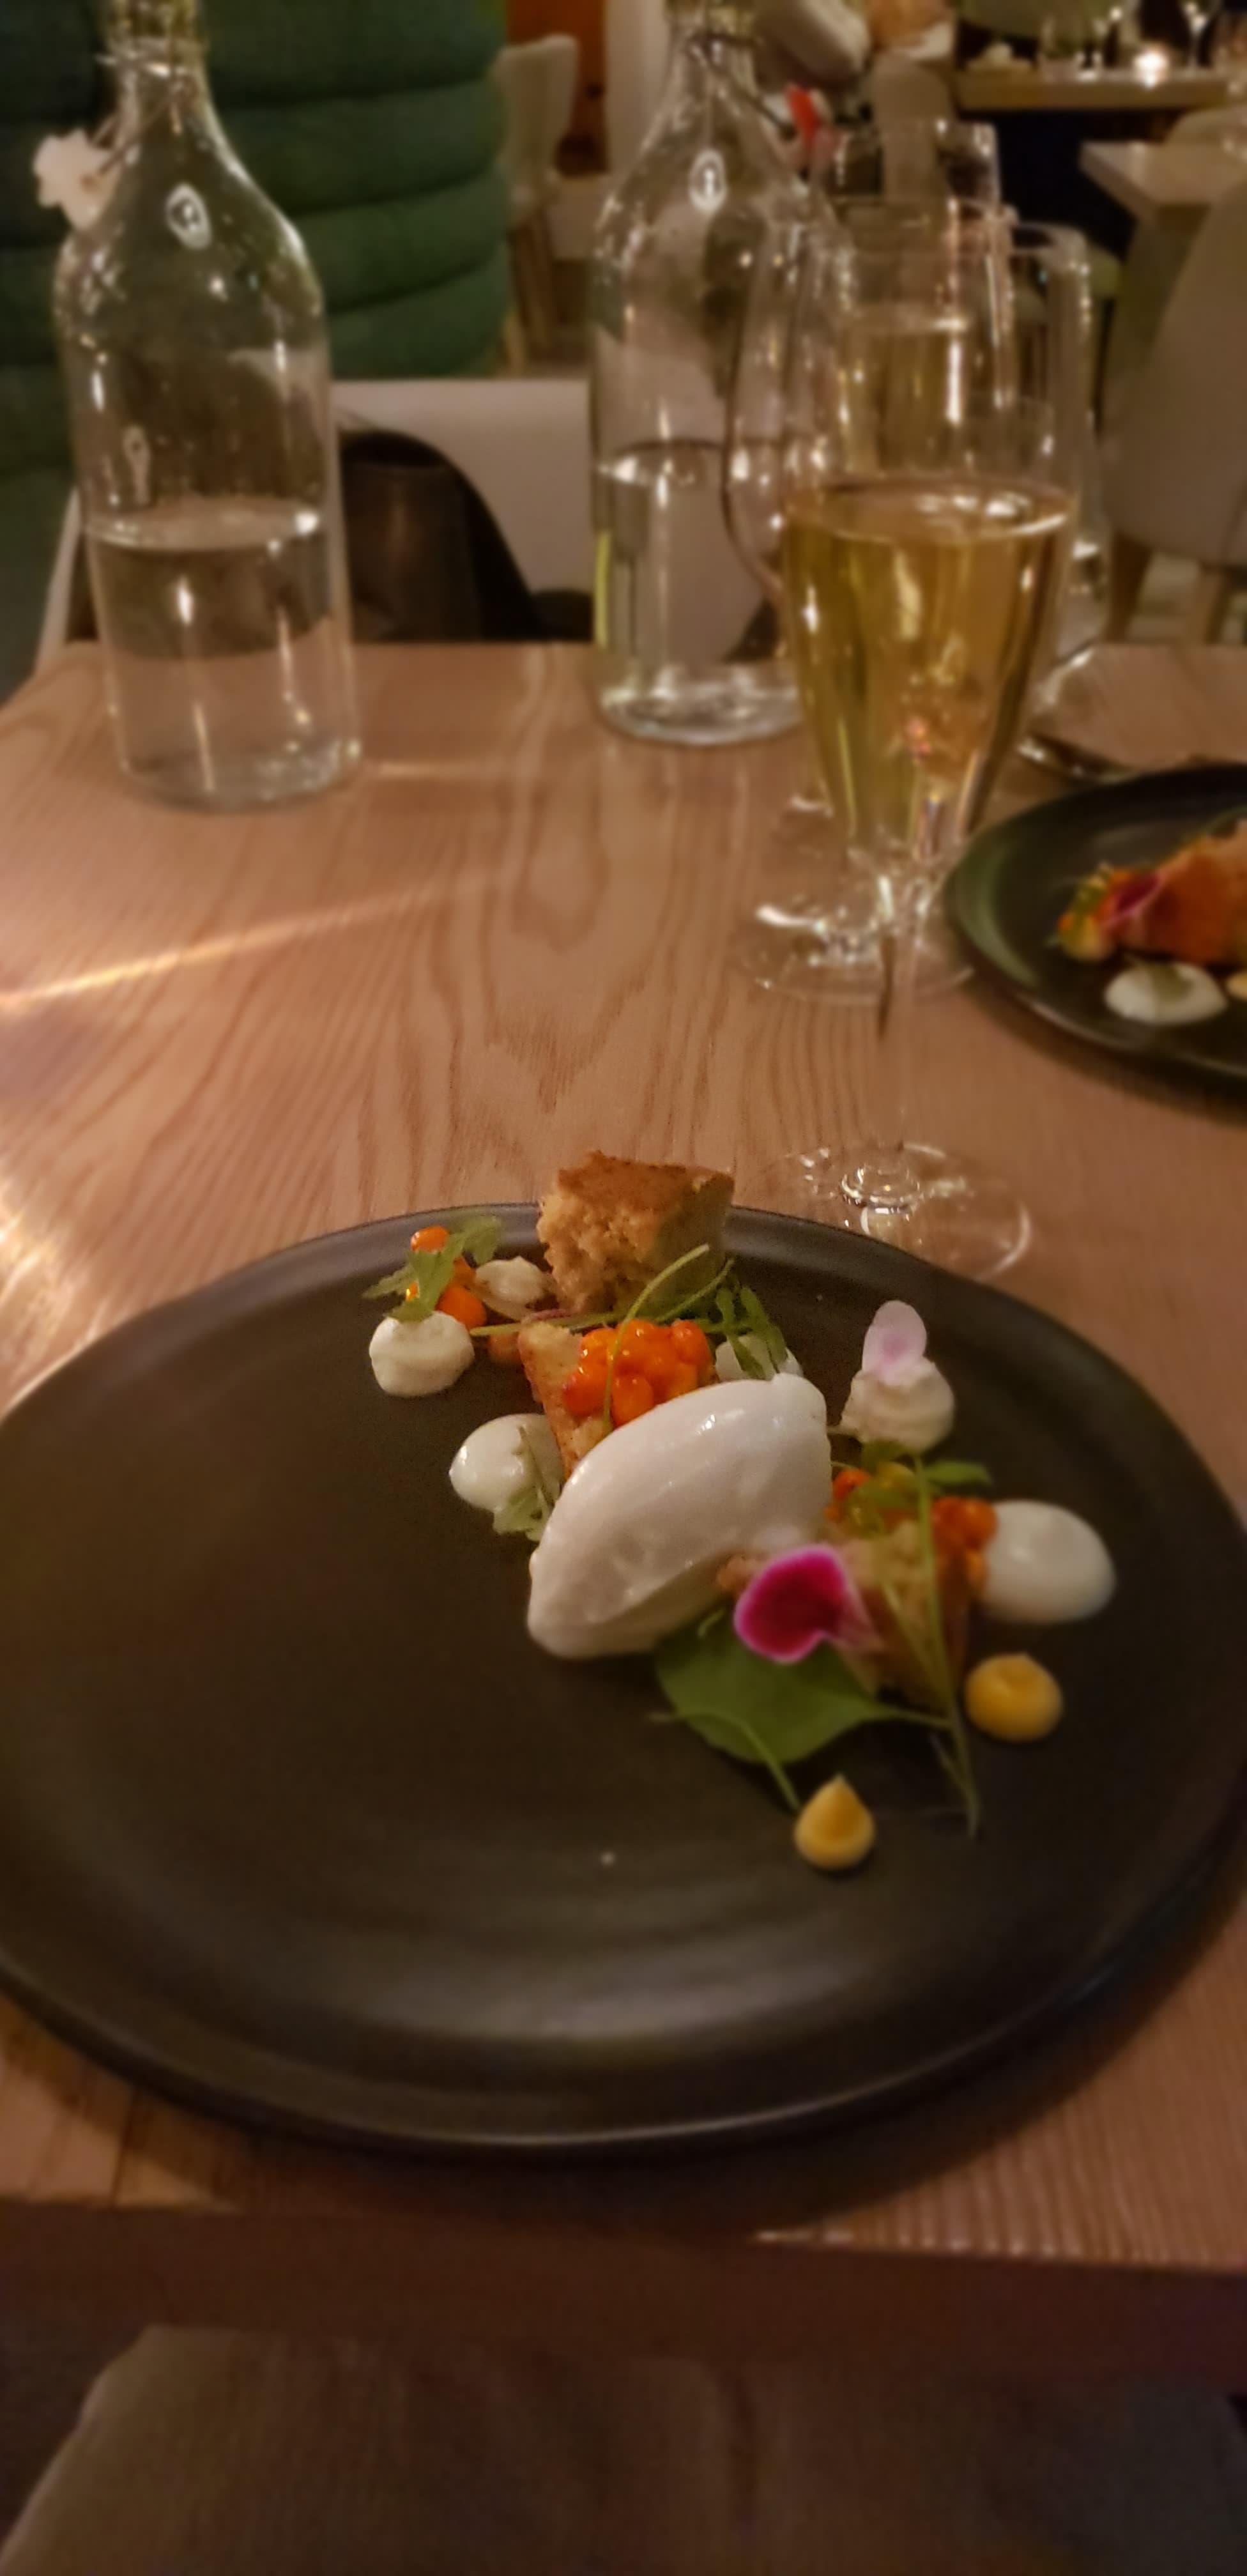 québecc exquis dessert mousseux